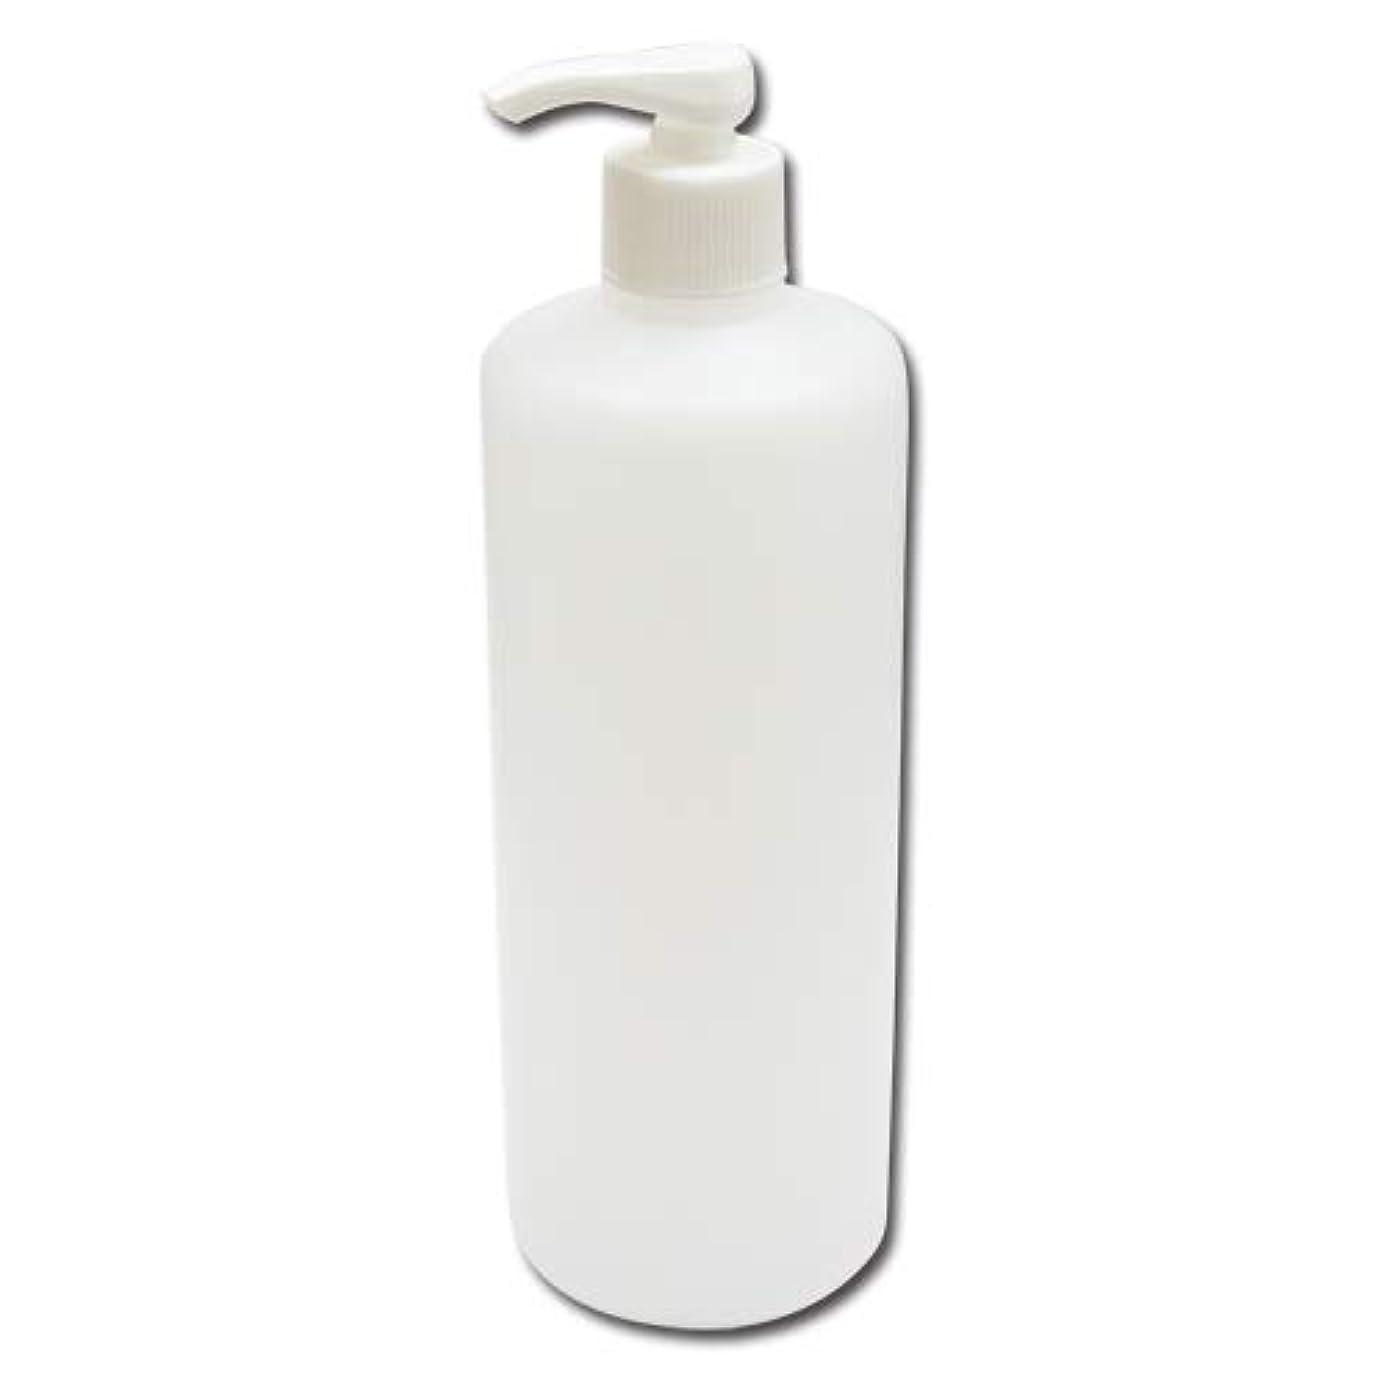 責任岸細菌ポンプボトル詰め替え容器500ml│ディスペンサー詰め替え容器/業務用シャンプー?ボディーソープの小分けにポンプ容器 広口タイプ